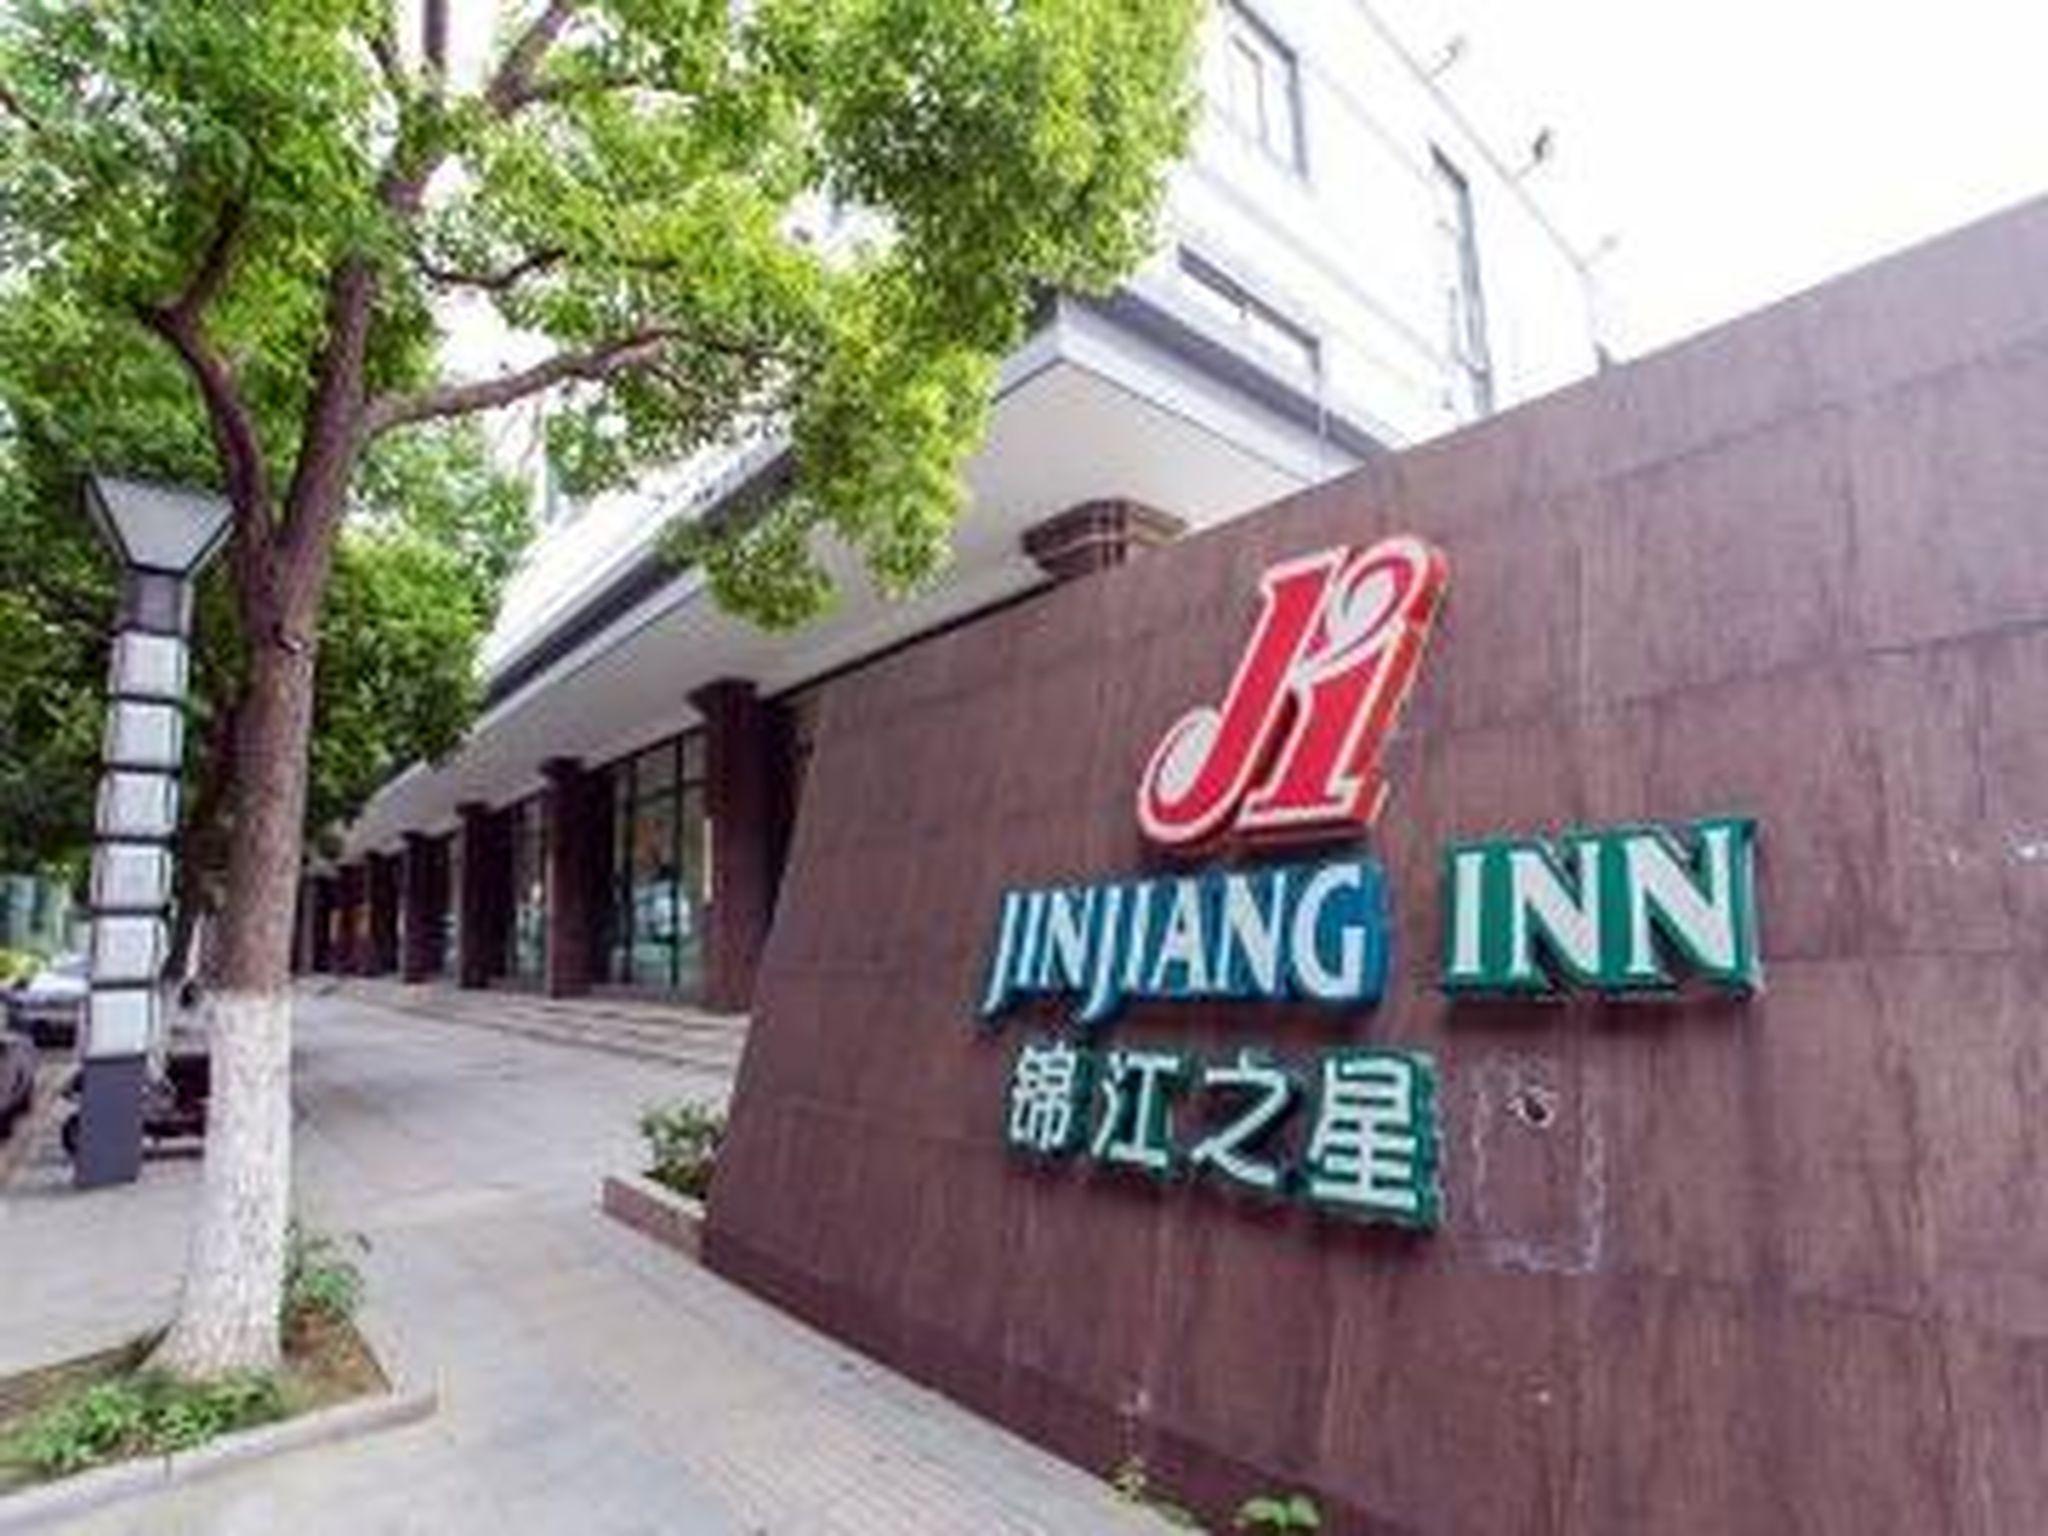 Jingjiang Inn Suzhou Industrial Park Donghuan Road